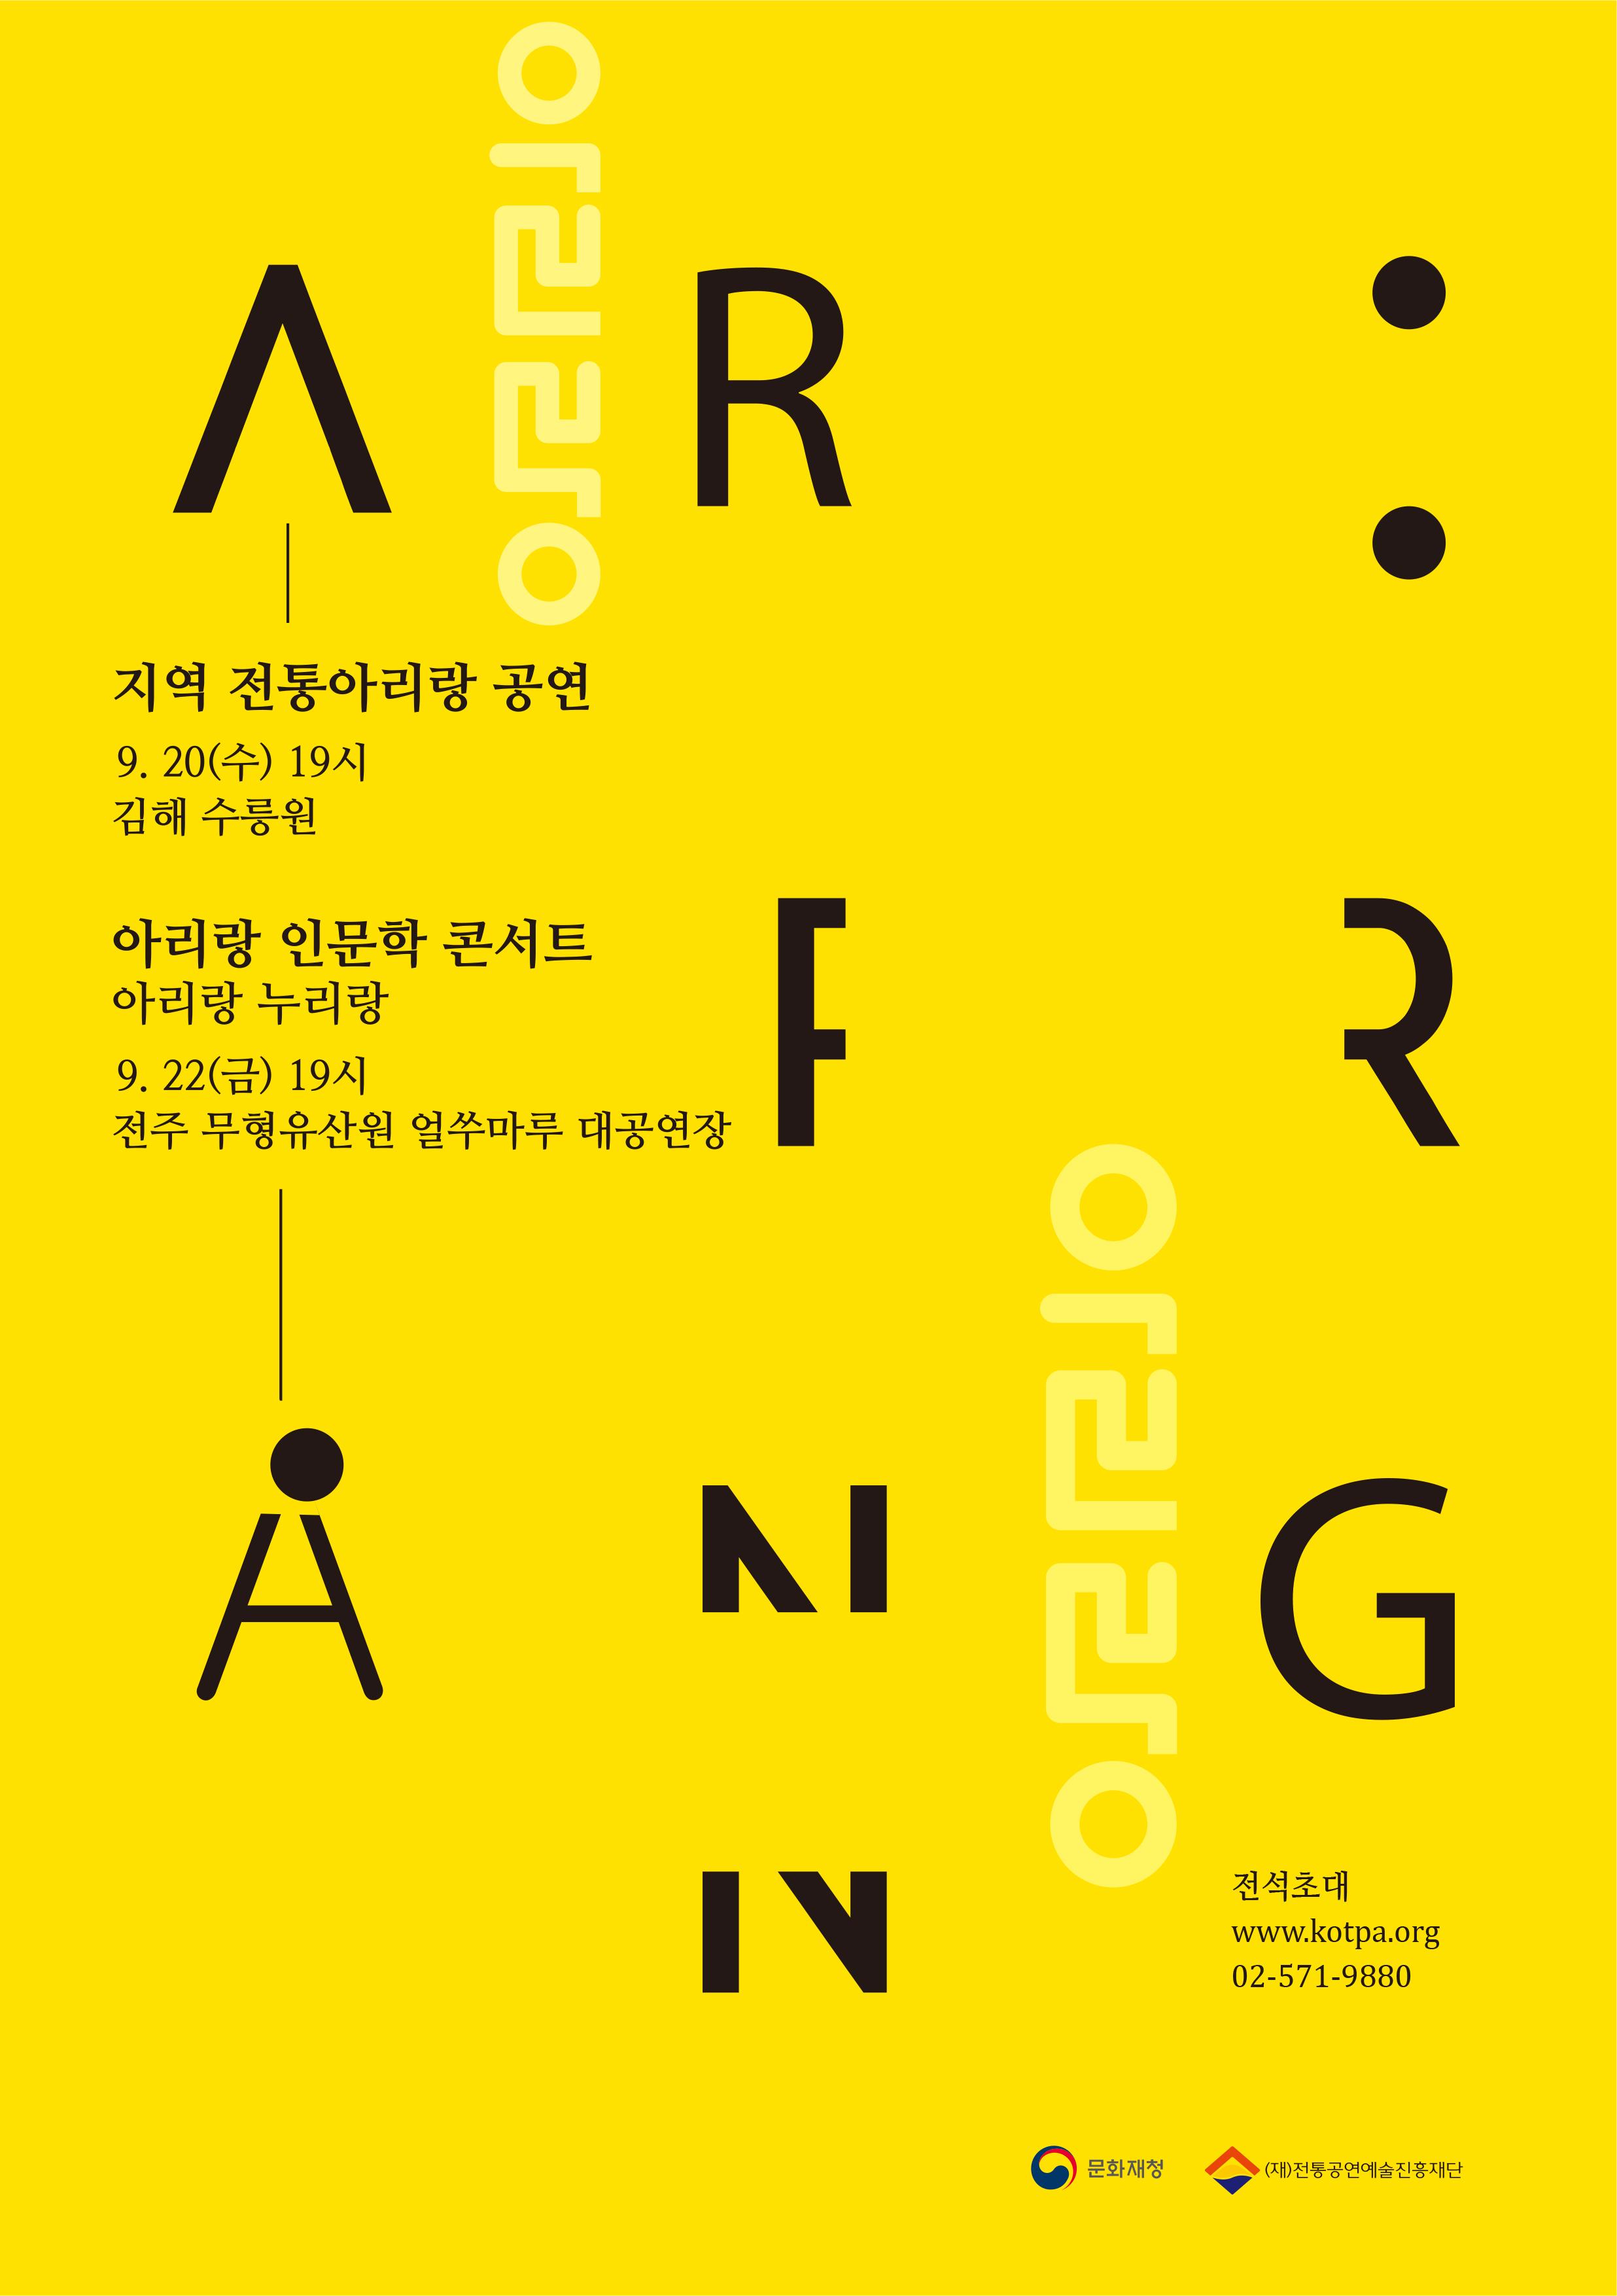 2017 아리랑대축제_공식 포스터(문화재청).jpg